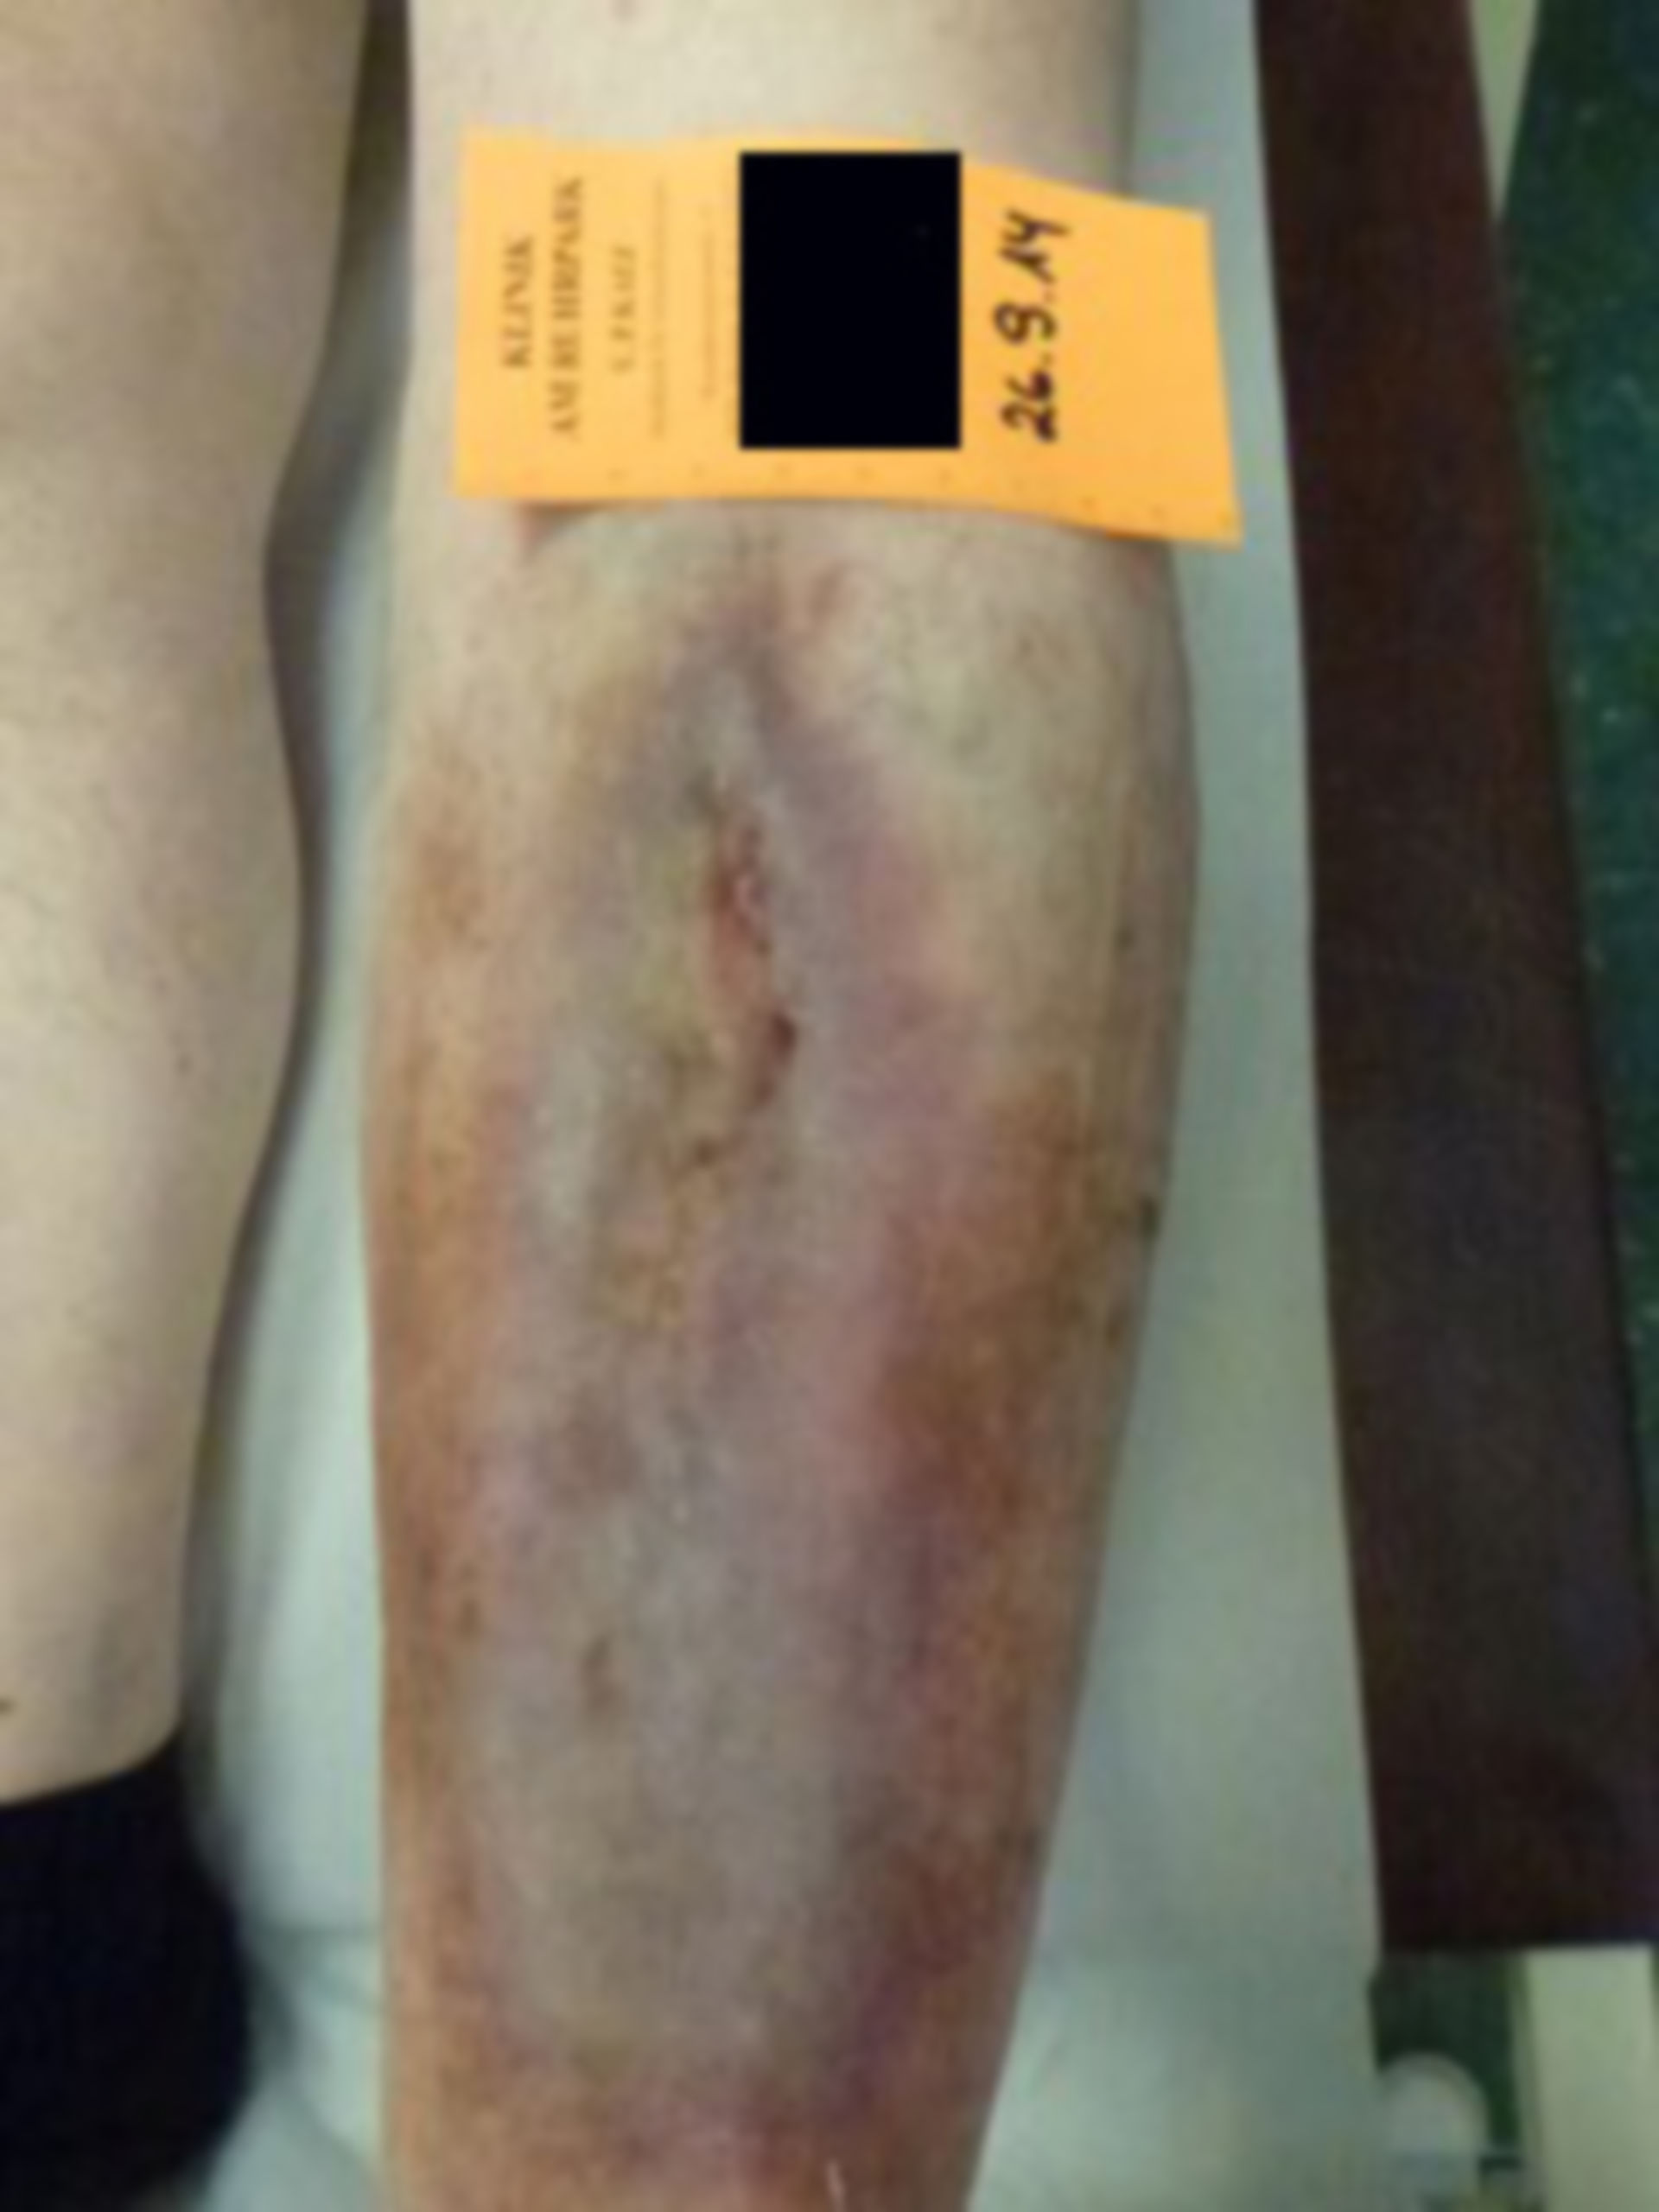 Úlcera de la pierna - abierta por 20 años: día 24 (12)